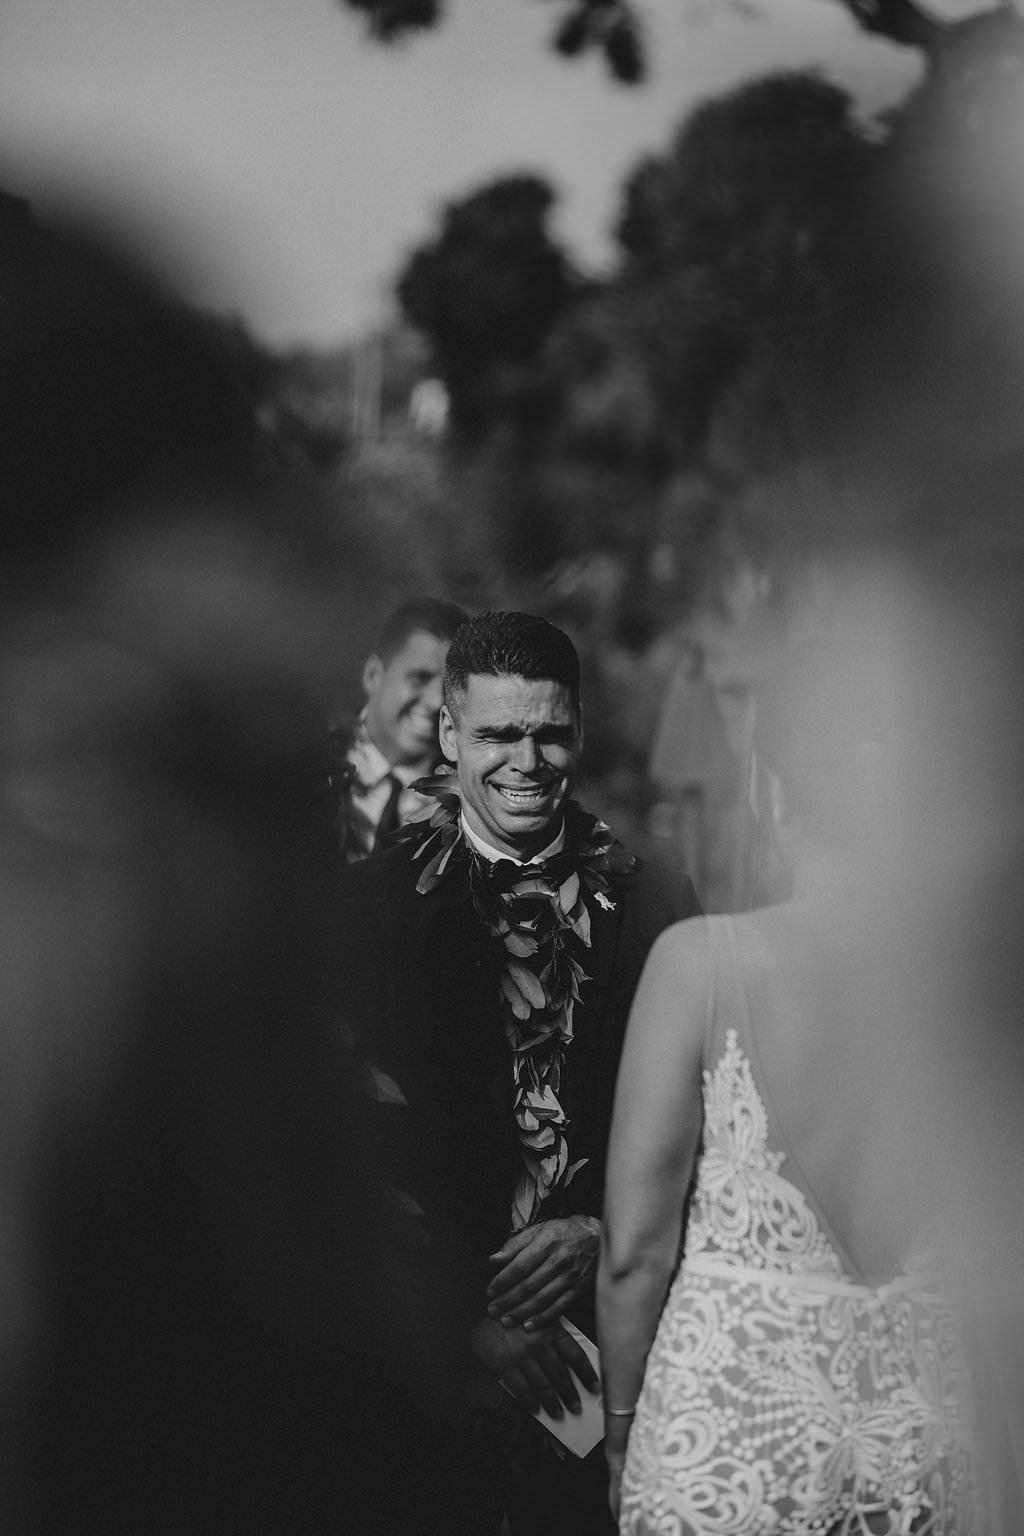 holualoa inn, holualoa inn wedding, big island wedding, big island wedding venue, hawaii wedding, big island weddings, big island wedding, big island wedding photographer, Color Catering, Kahena Cinema, hawaii wedding photographer, maui wedding photographer, holualoa weddings, alohiki, alohiki wedding, grace flowers, grace flowers hawaii, kona sweets, big island wedding cake, love and lace, love & lace hawaii, hawaii wedding dress